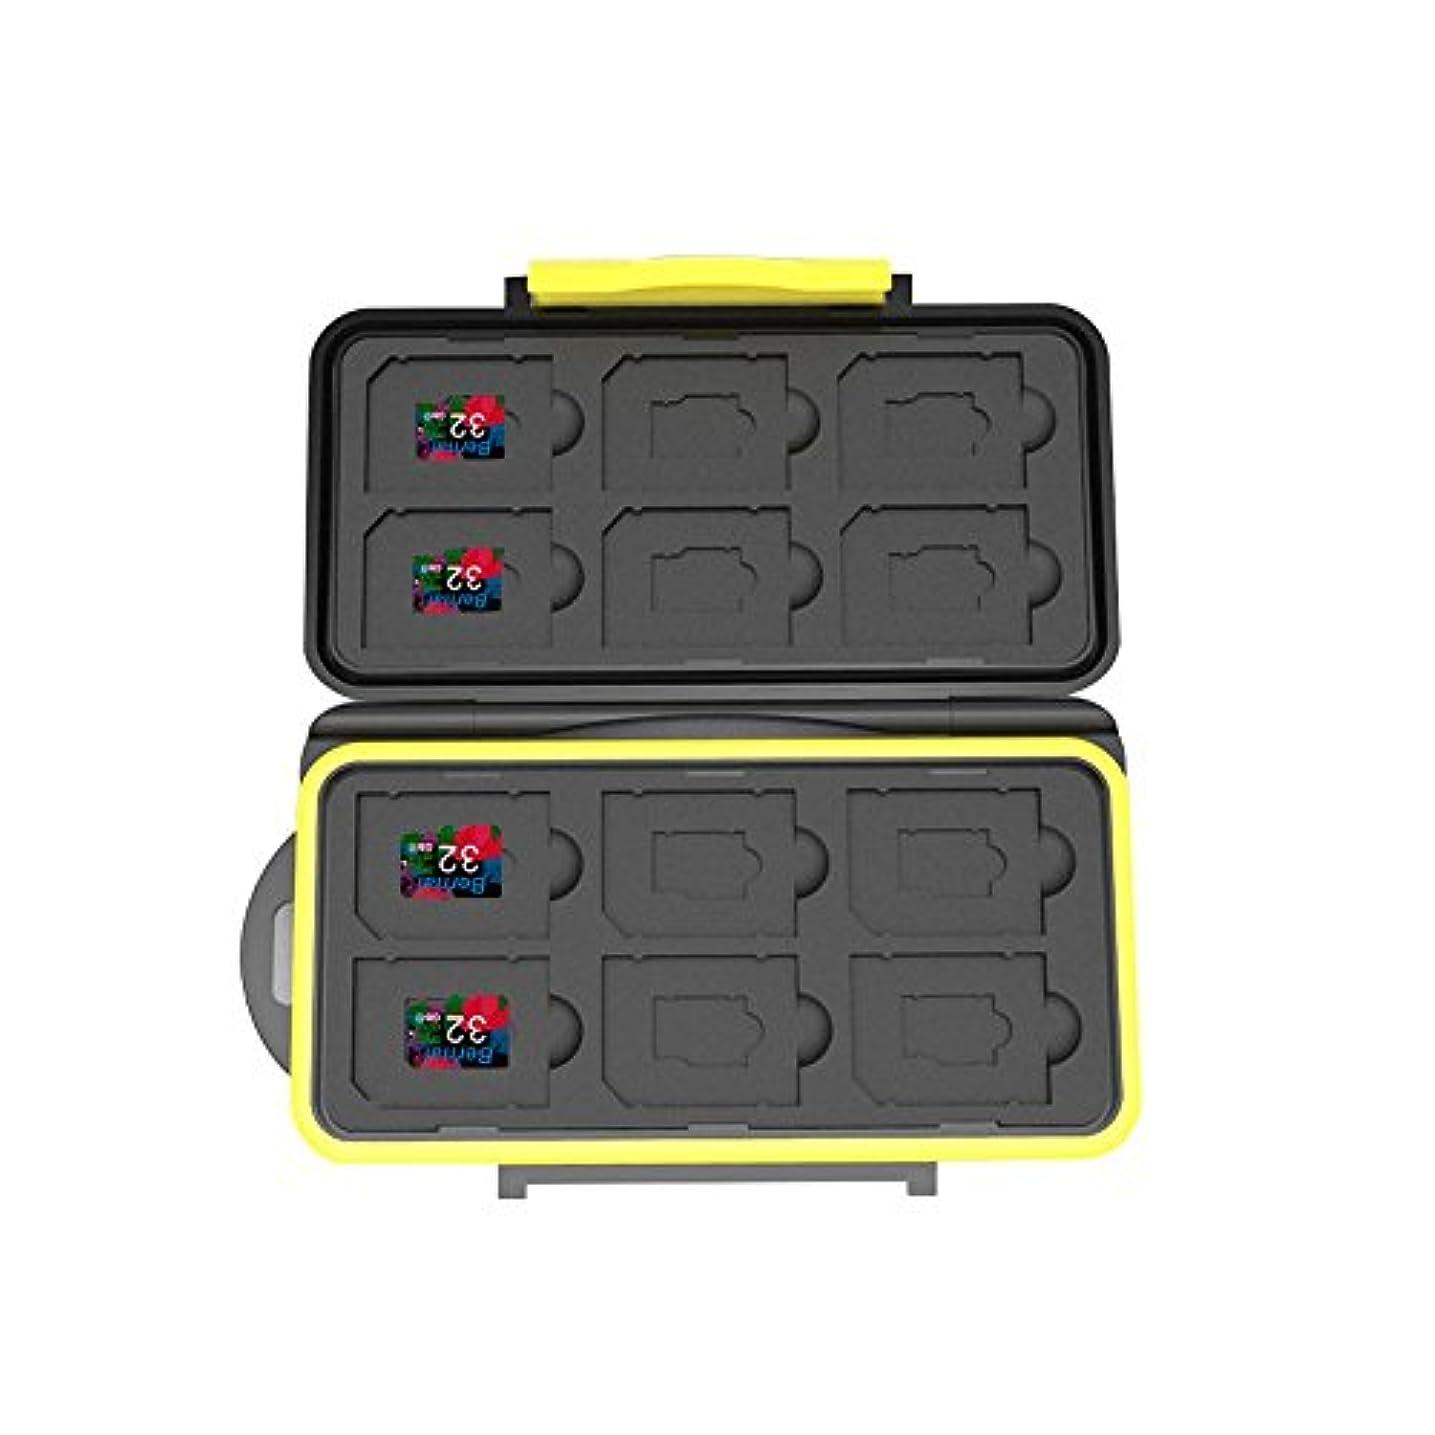 名前を作るシティ酸Bernal Memory MicroSDHCカード 32GB 4枚セット スマホ、タブレット、ドライブレコーダー、Class10 UHS-I対応 アダプタ付 (4 x 32GB +ボックス)